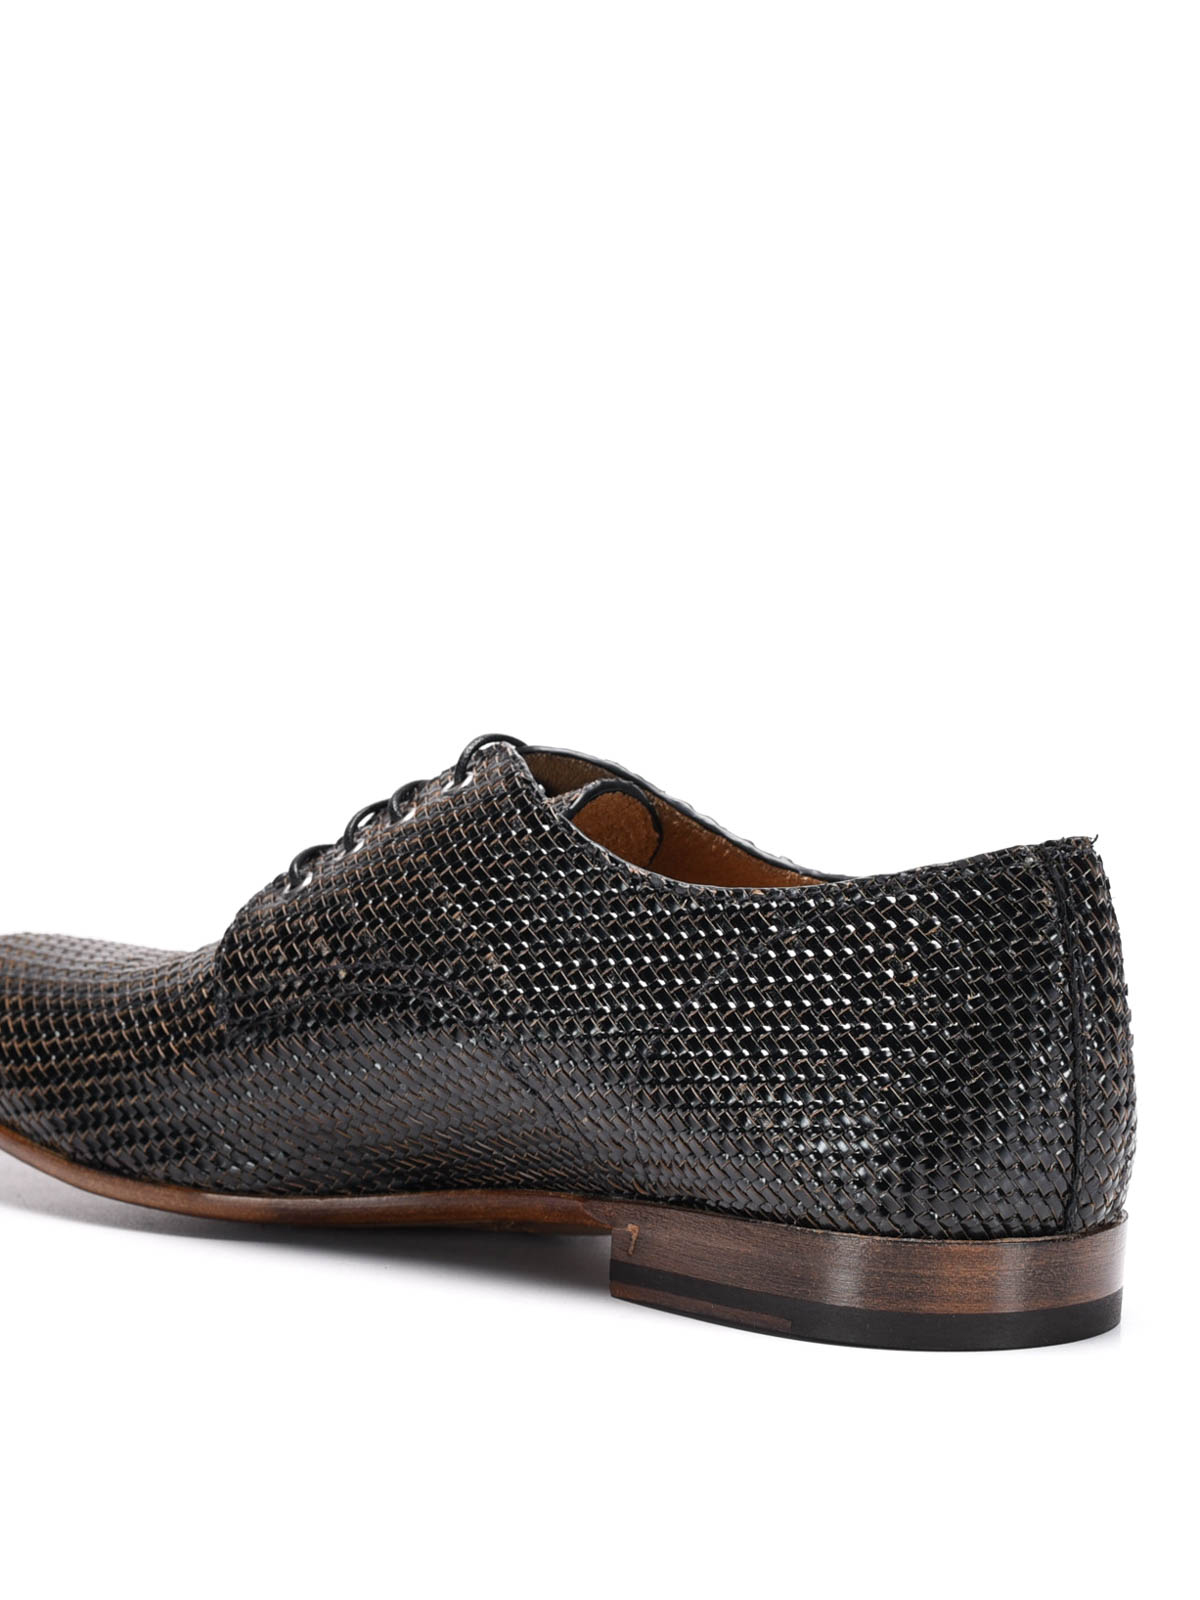 new styles 18eb6 ba4cd Raparo - Slip-on in pelle intrecciata - scarpe stringate ...